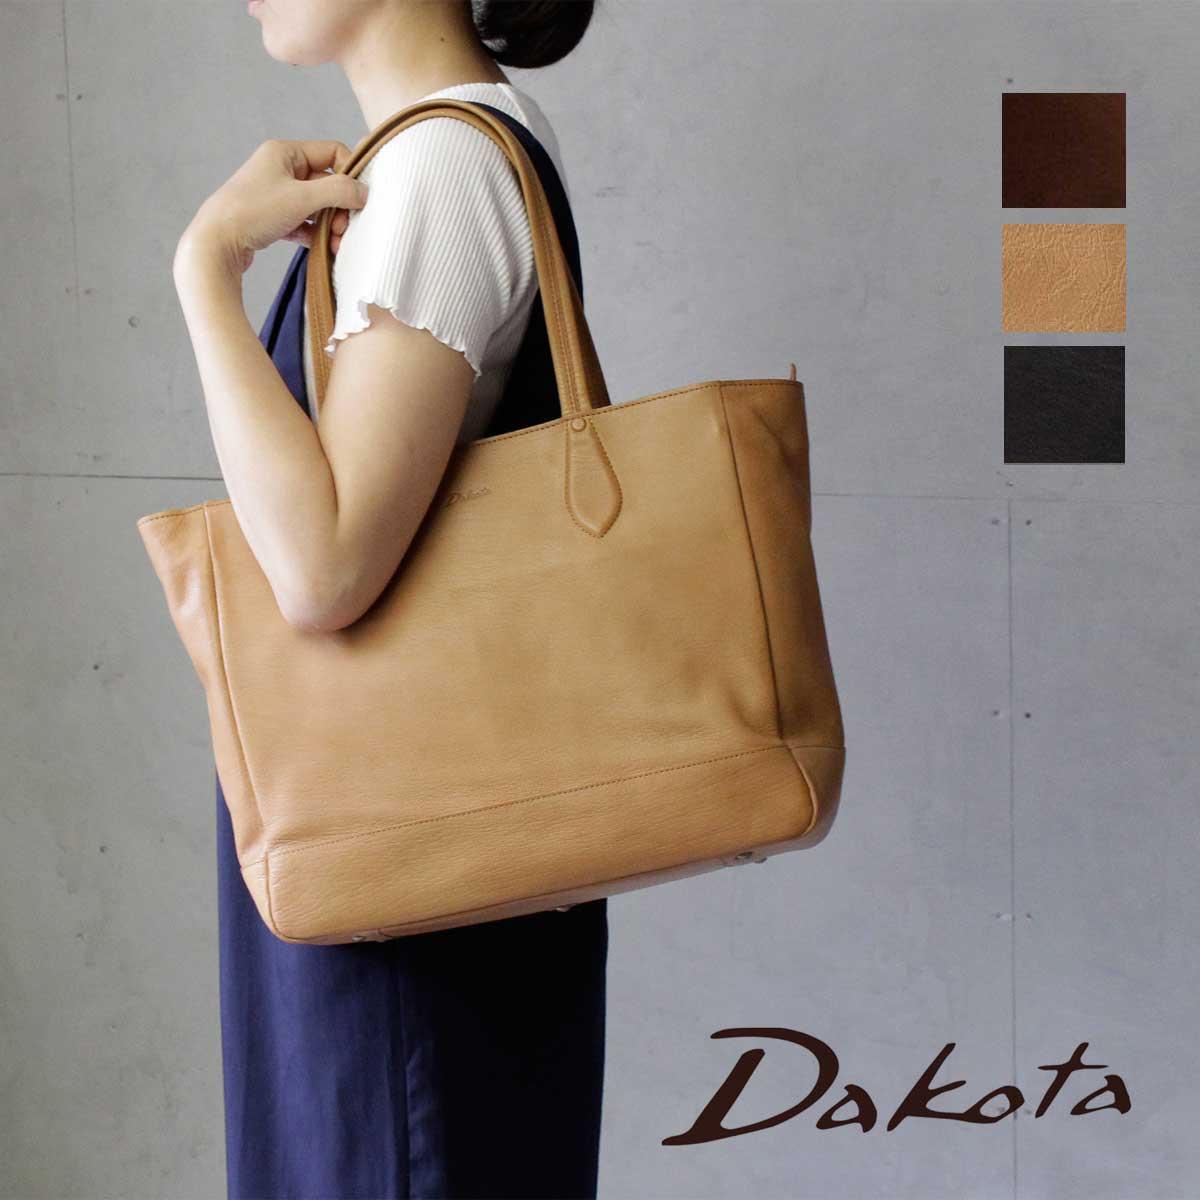 【メッセージカード・ラッピング無料】【選べるノベルティ大好評】Dakota ダコタ ロザリア トートバッグ 1033951【A4】【日本製】